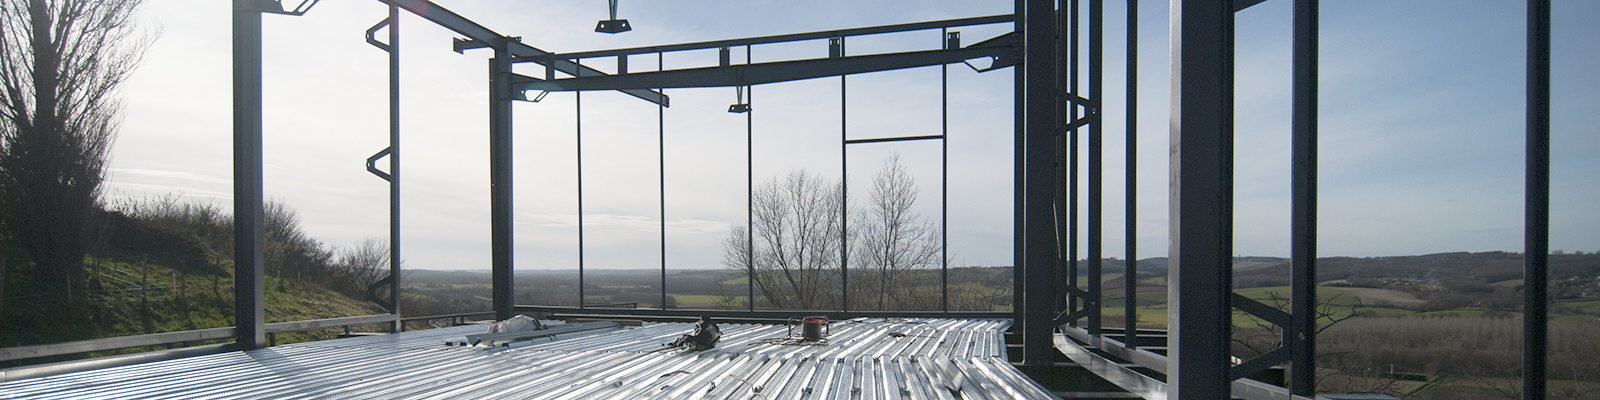 bureau études structures métalliques, 31 , arcane ingénierie